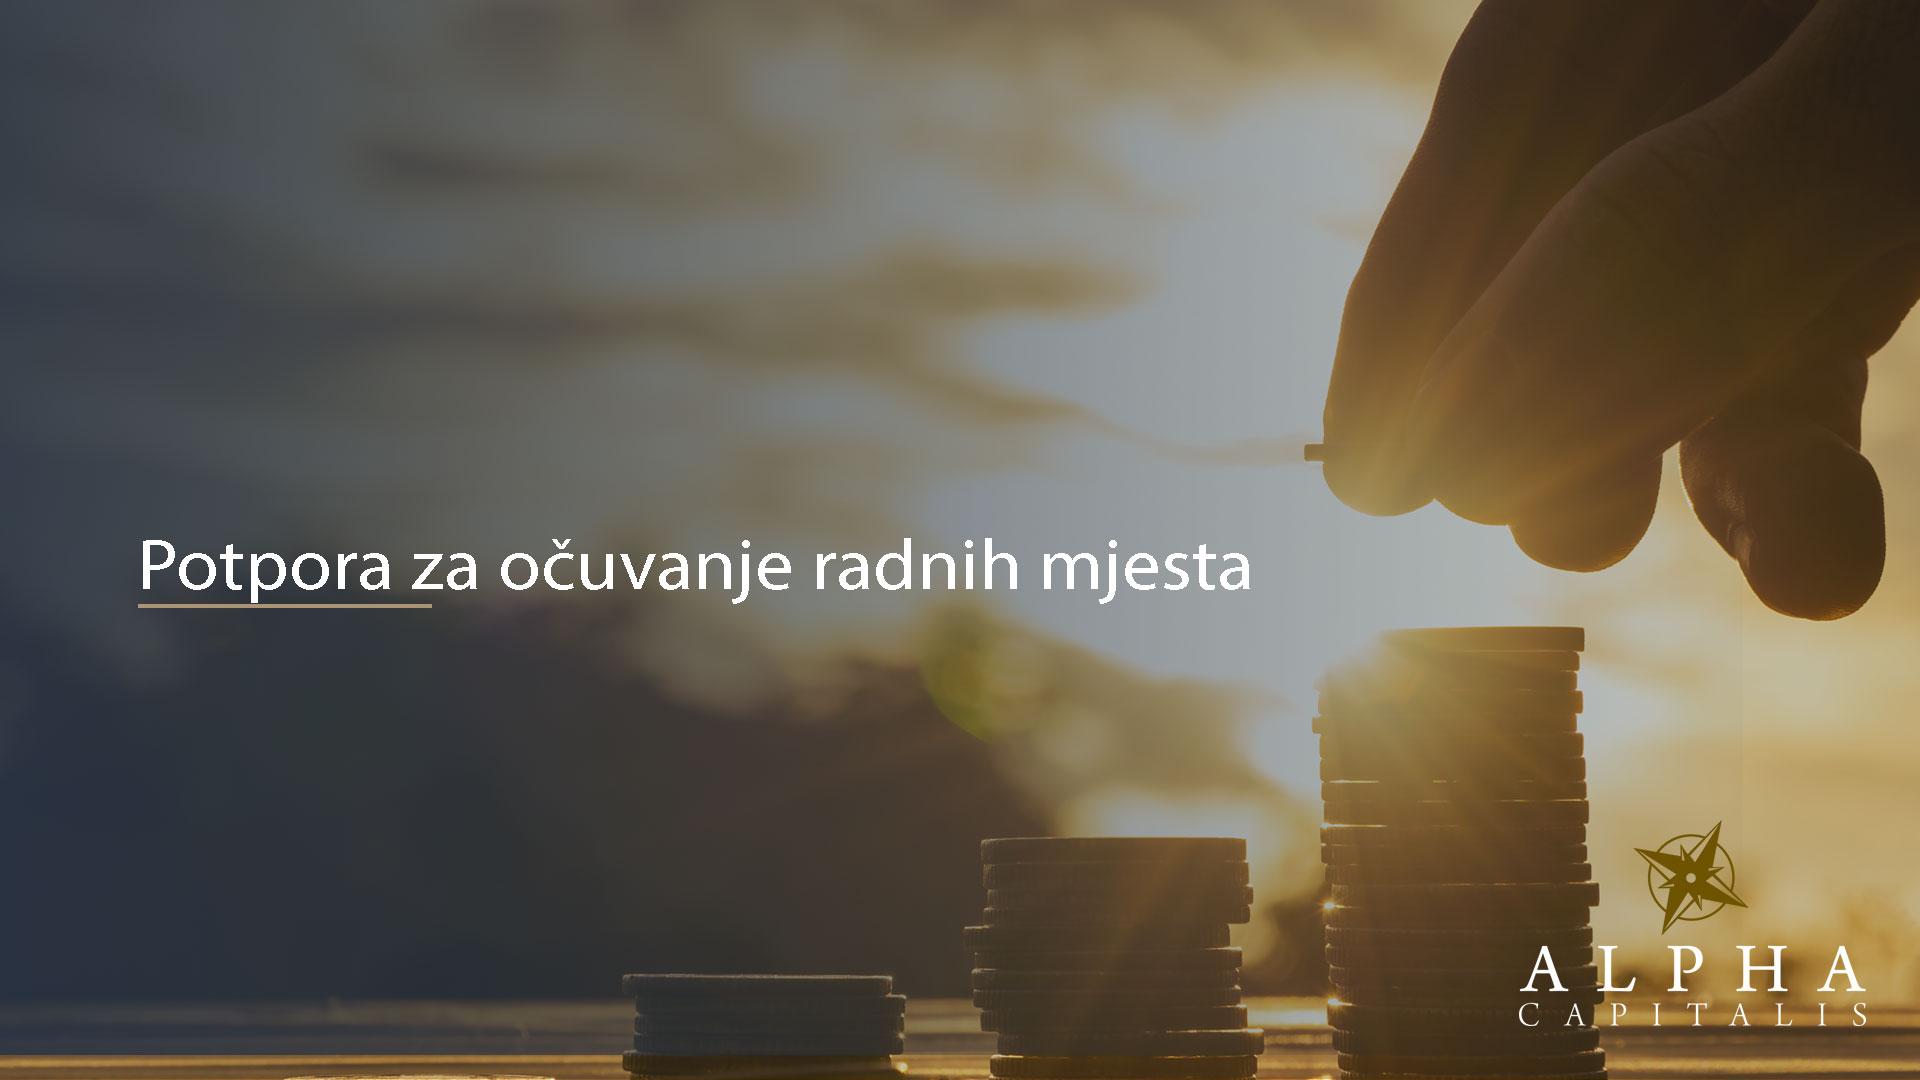 alpha-capitalis-novosti-potpore-za-ocuvanje-radnih-mjesta